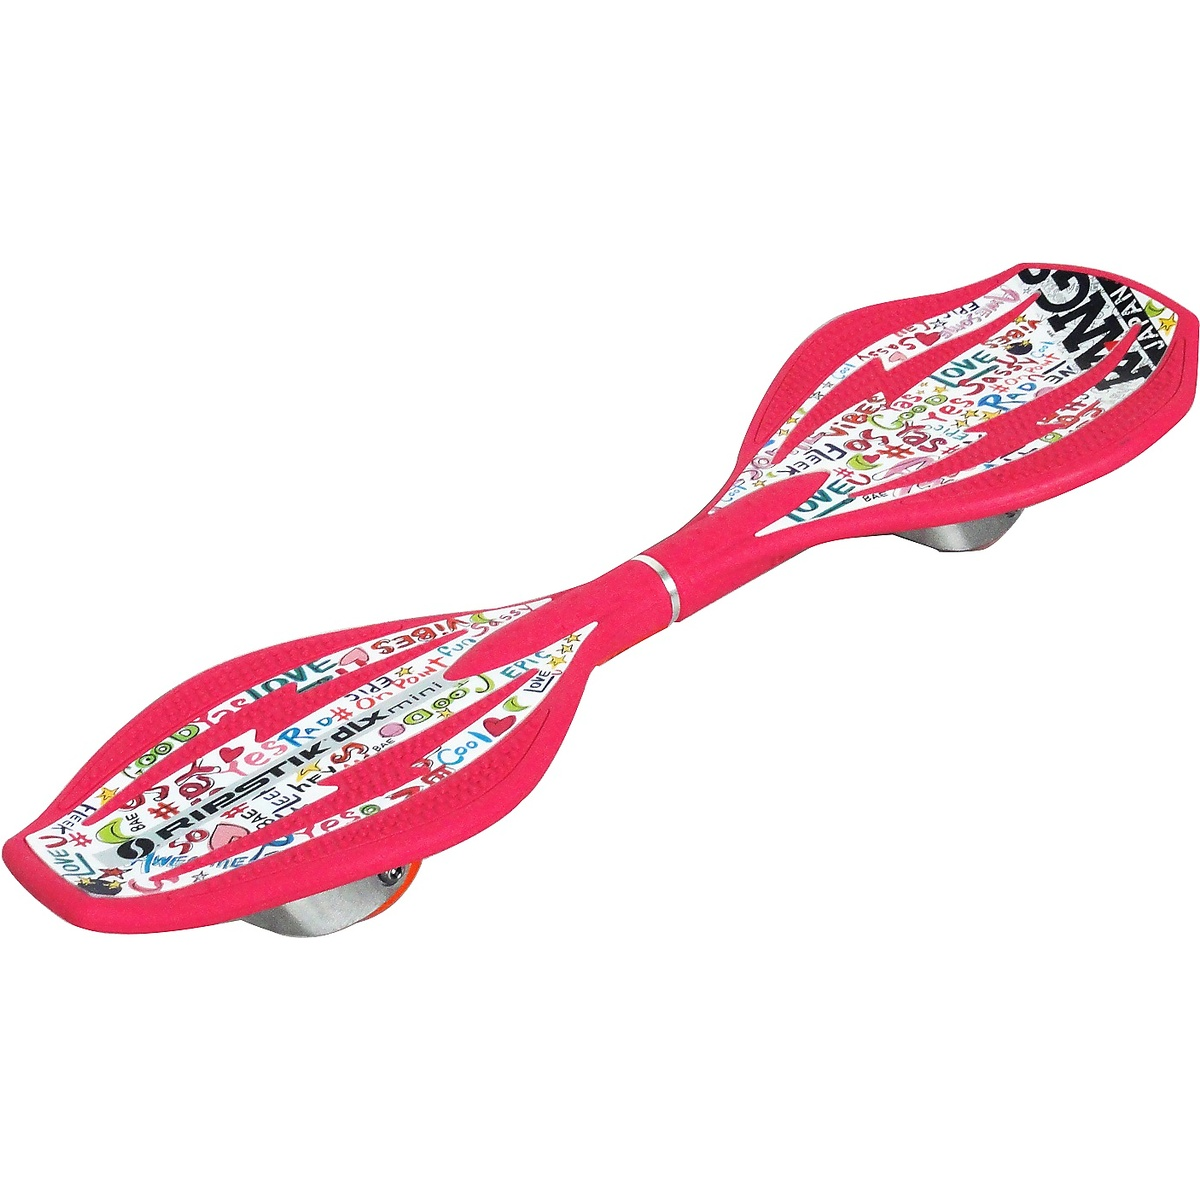 【送料無料】 ホイール エクストリーム スケートボード リップスティックDLXミニ ジュニア ネオンピンク リップスティックDLXミニ